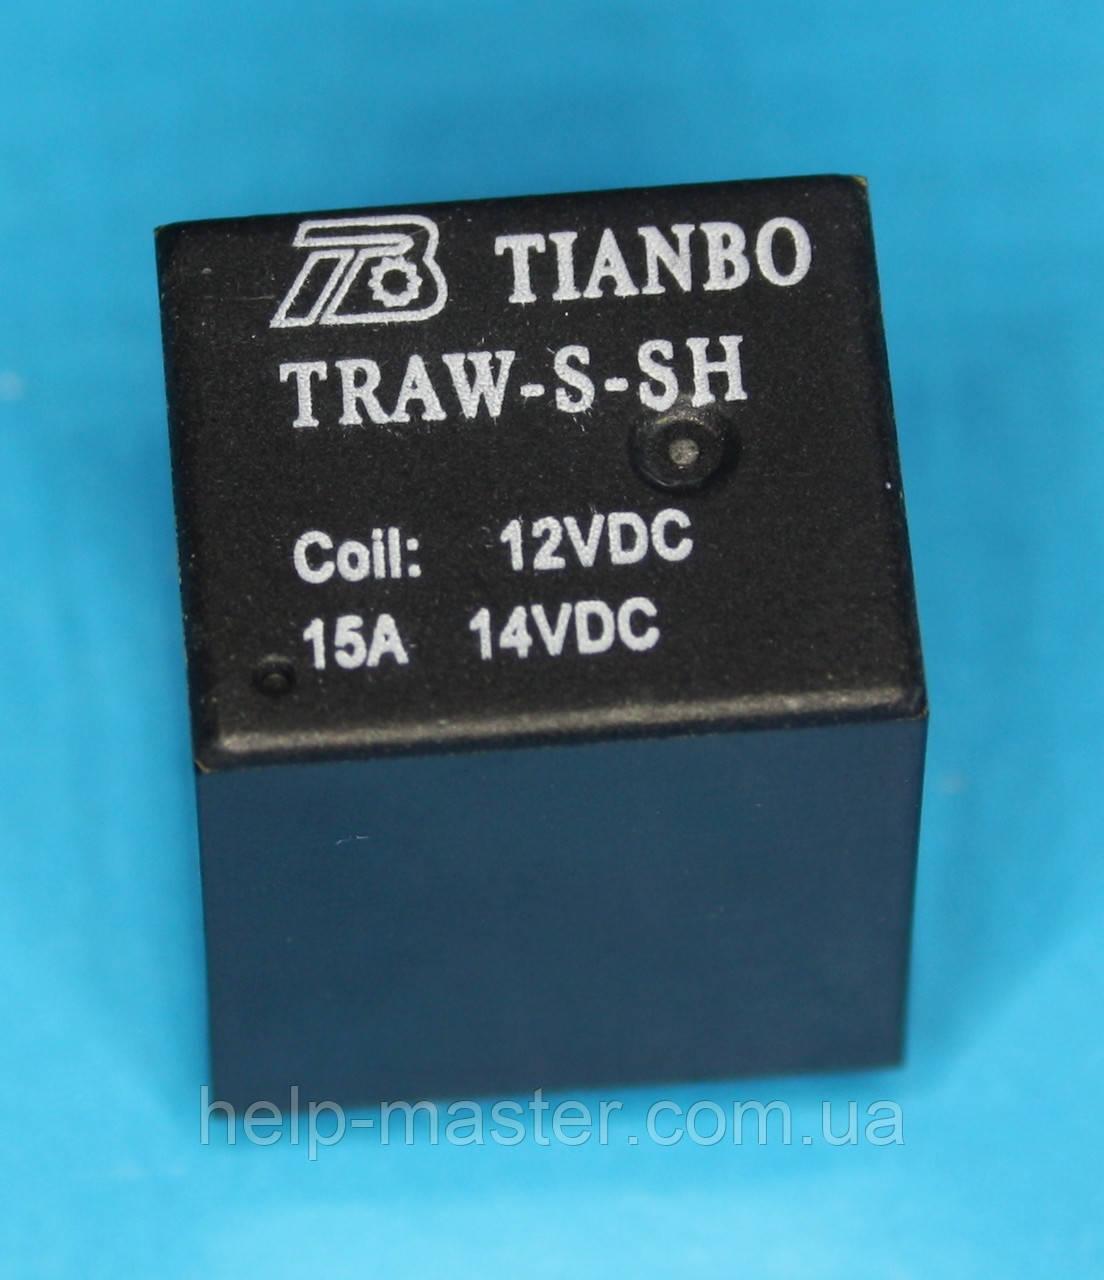 Реле TRAW-S-SH; 12VDC,   TIANBO